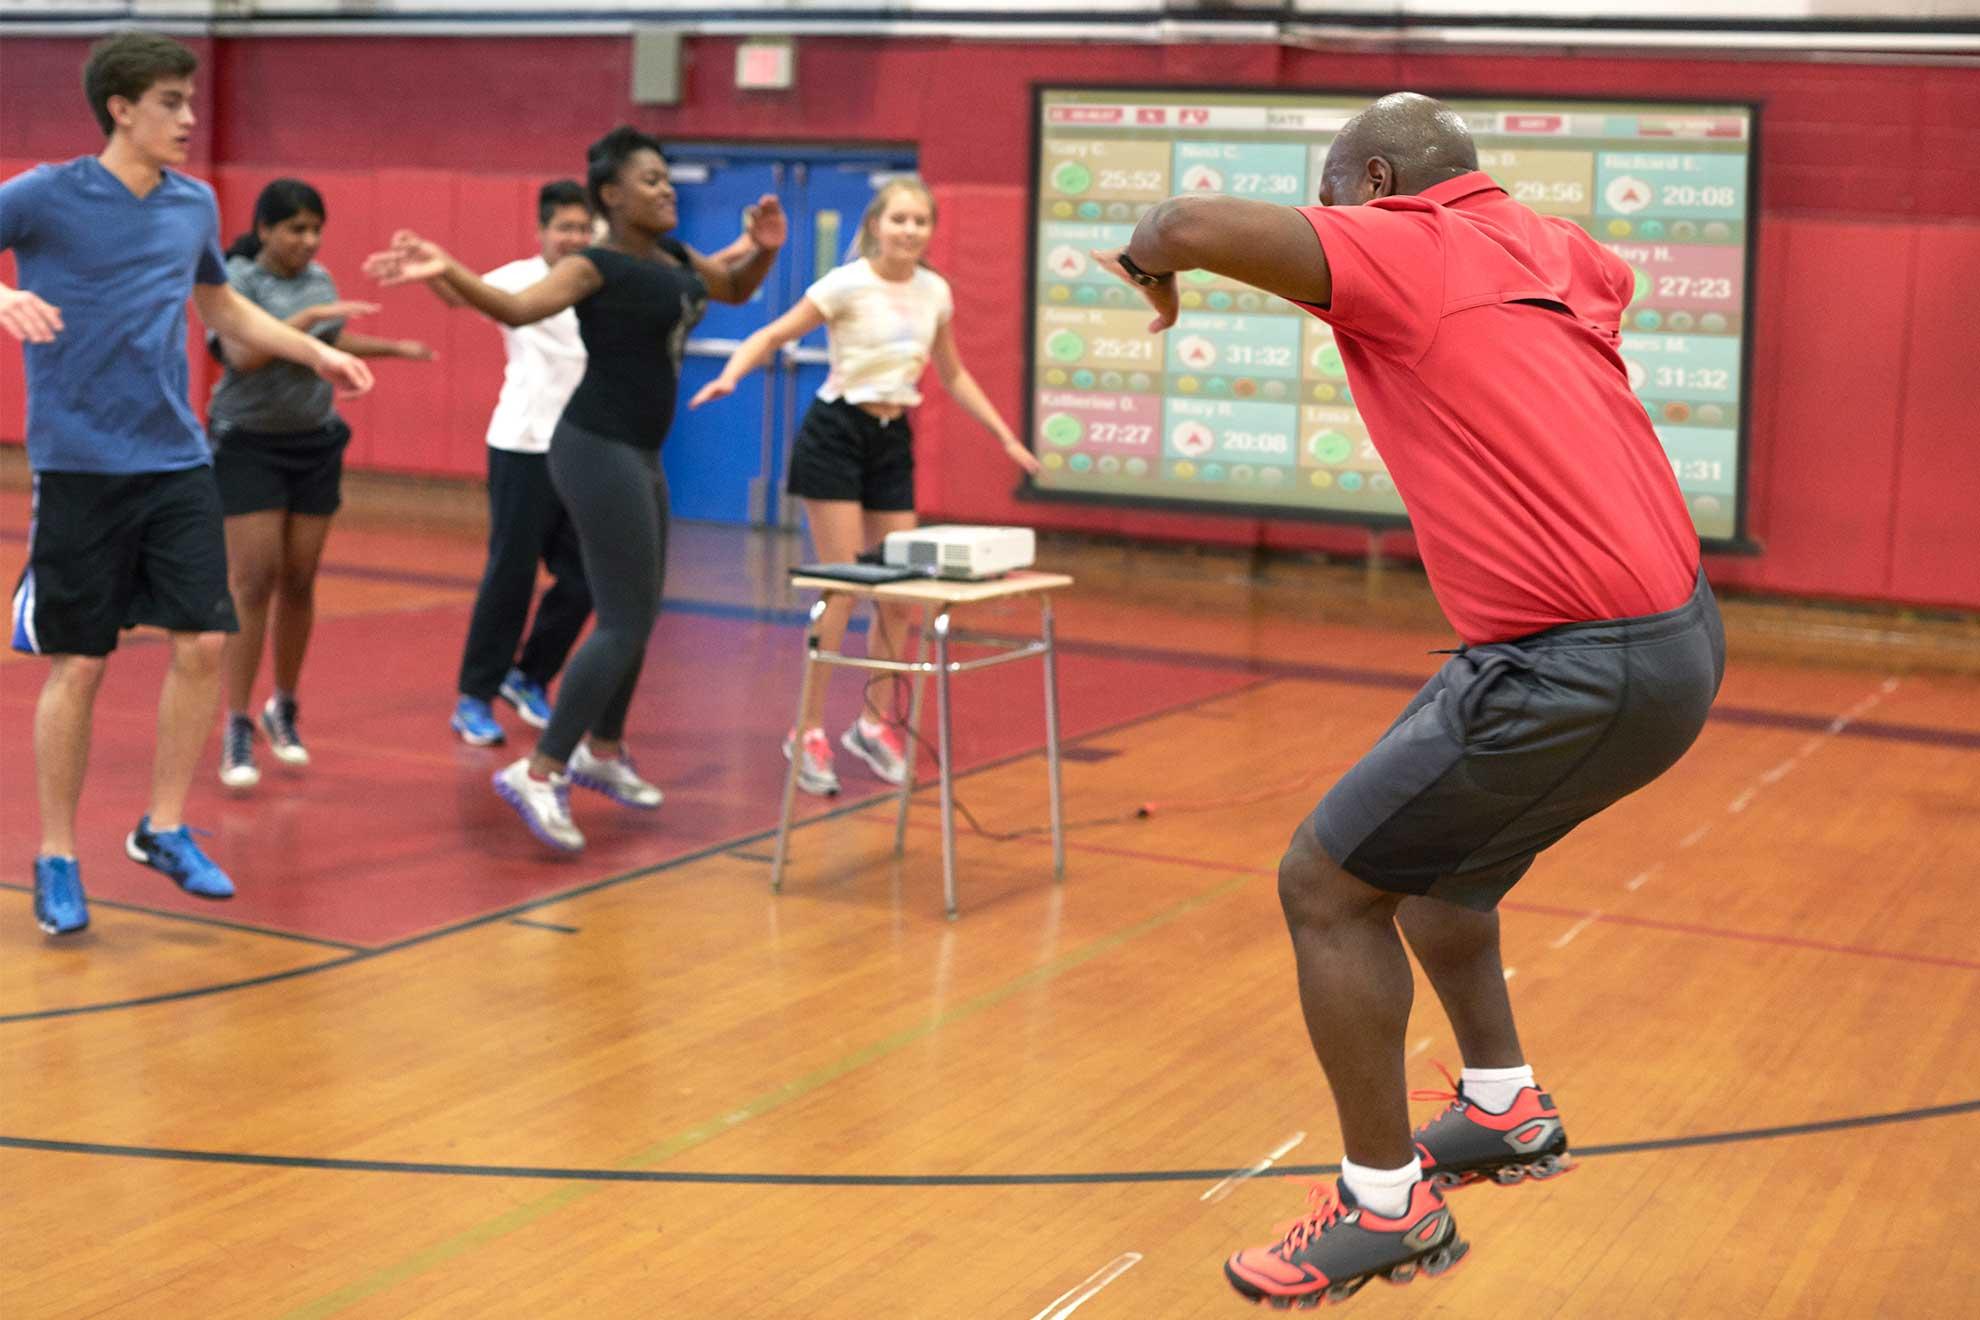 ความสามารถในการเคลื่อนไหวร่างกาย จากการเรียนการสอนพลศึกษา (Physical Literacy)